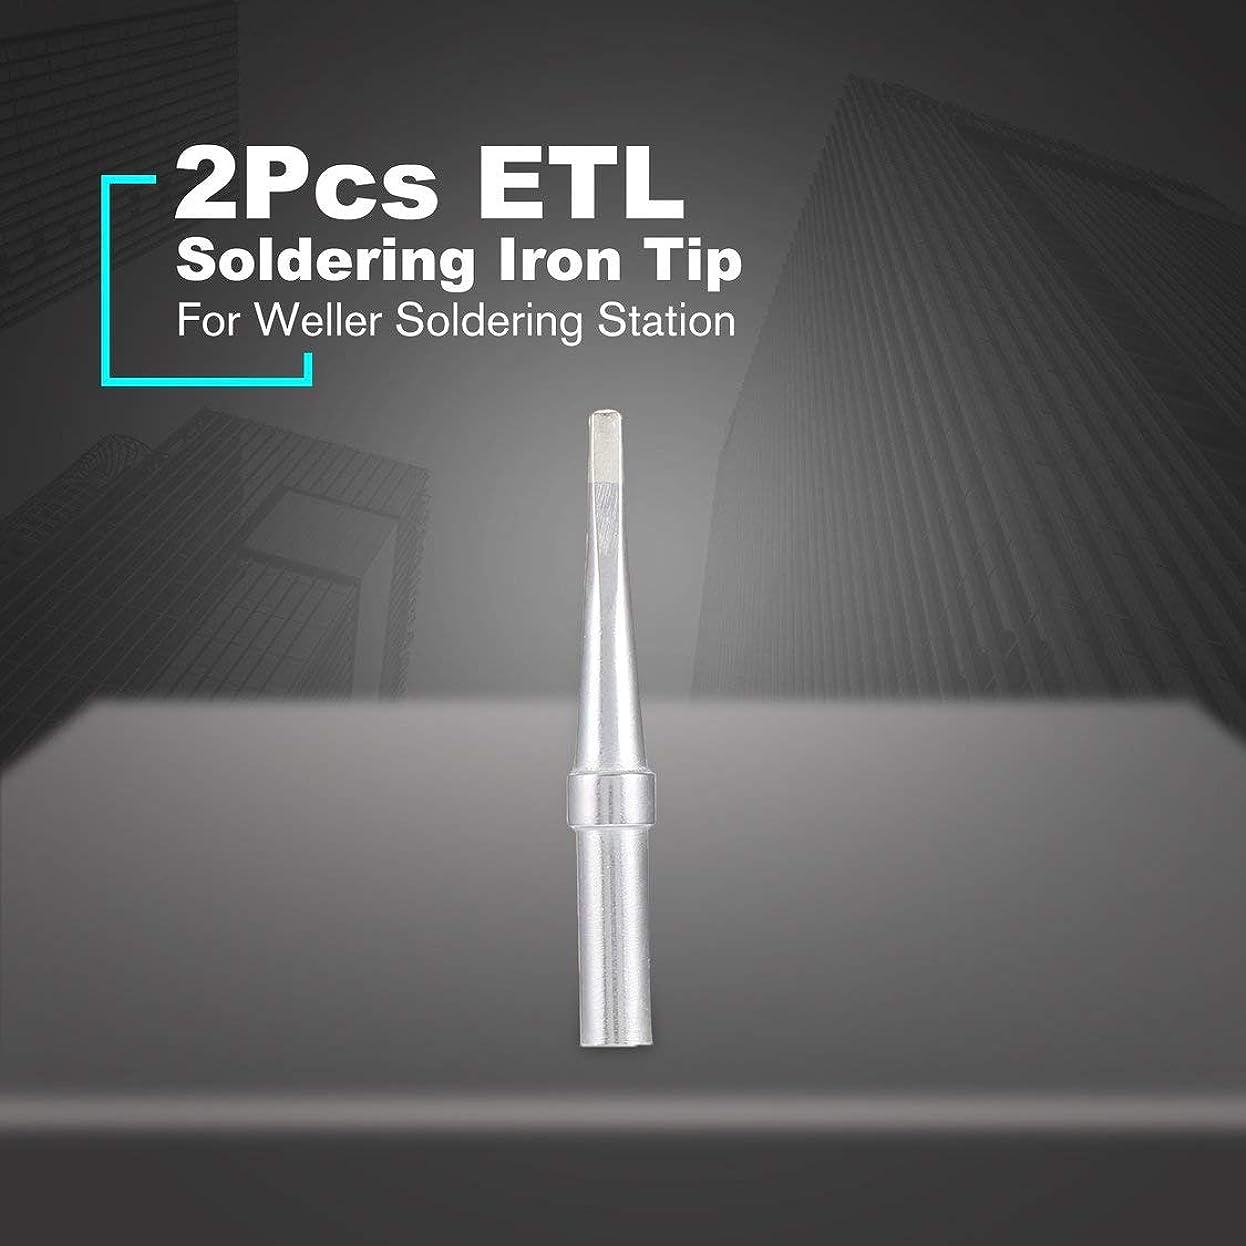 鋭く人形呪い2個入りETこて先ETL溶接工具ETLこて先溶接機WES50 / WES51 / WESD51のはんだ付けステーション急速加熱(シルバー)